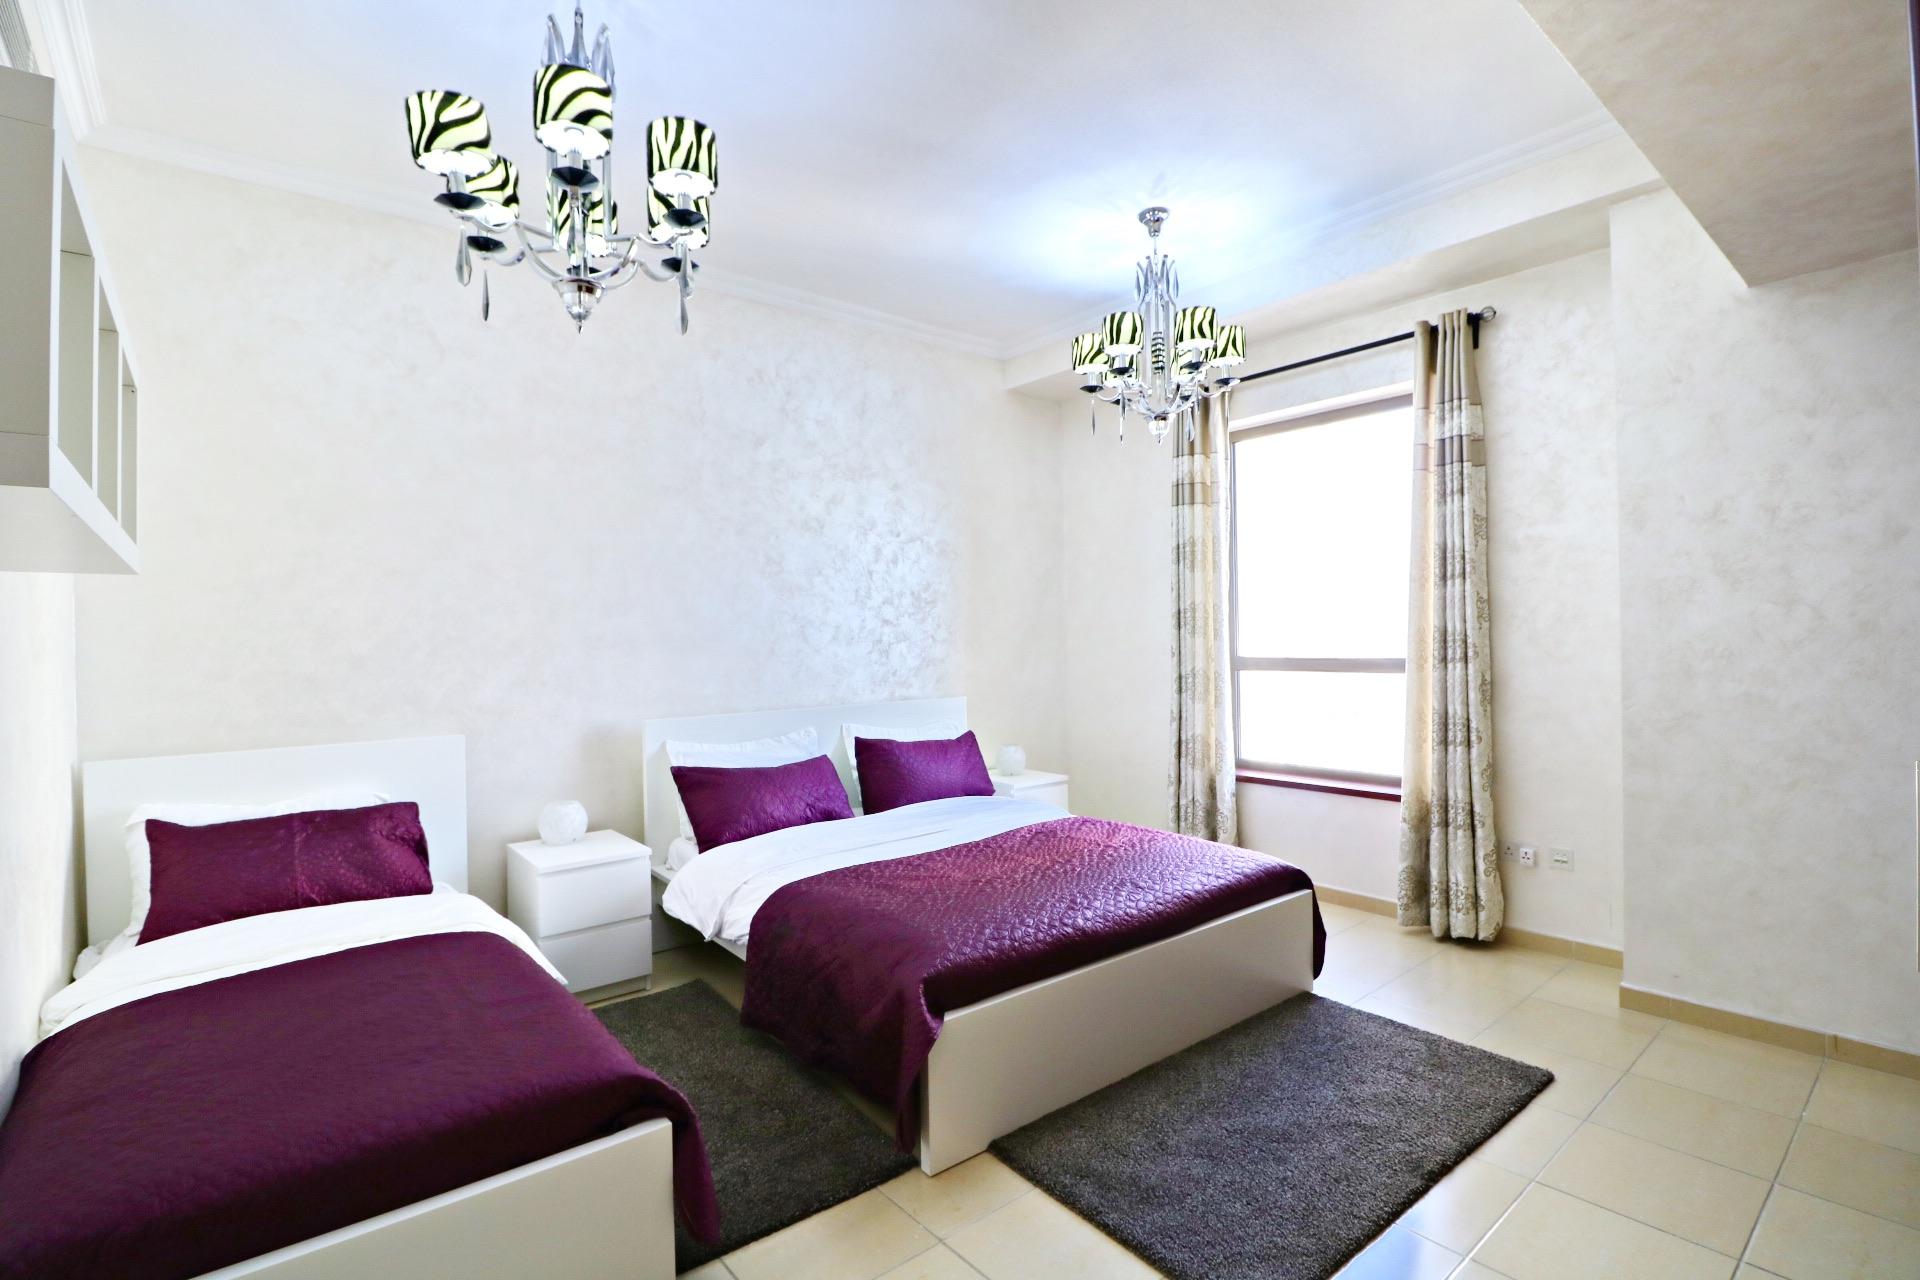 Квартира в аренду посуточно в дубай аукцион недвижимости эстония